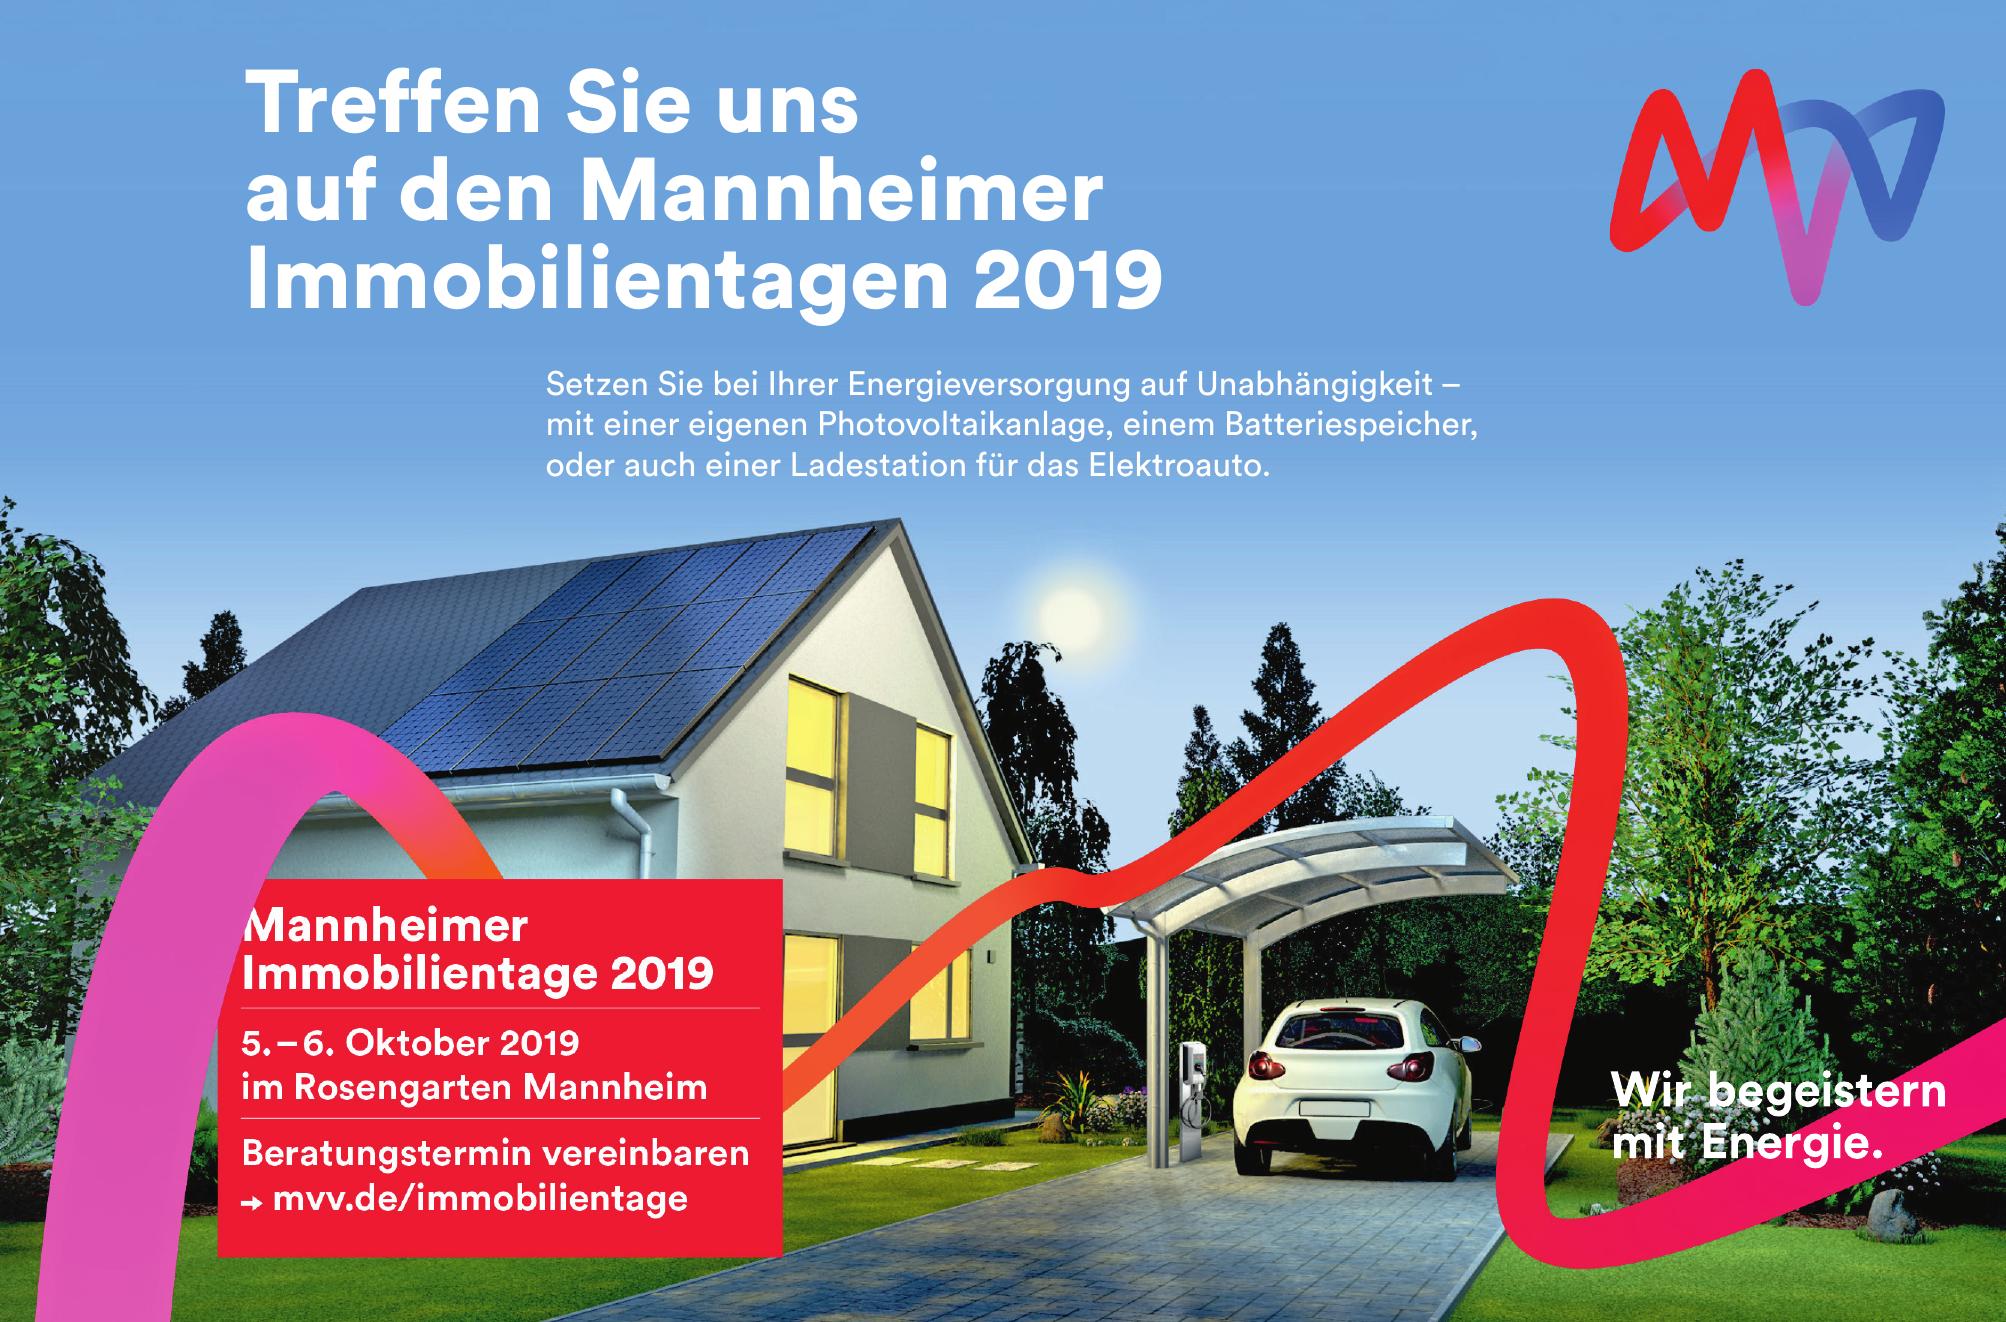 Mannheimer Immobilientagen 2019